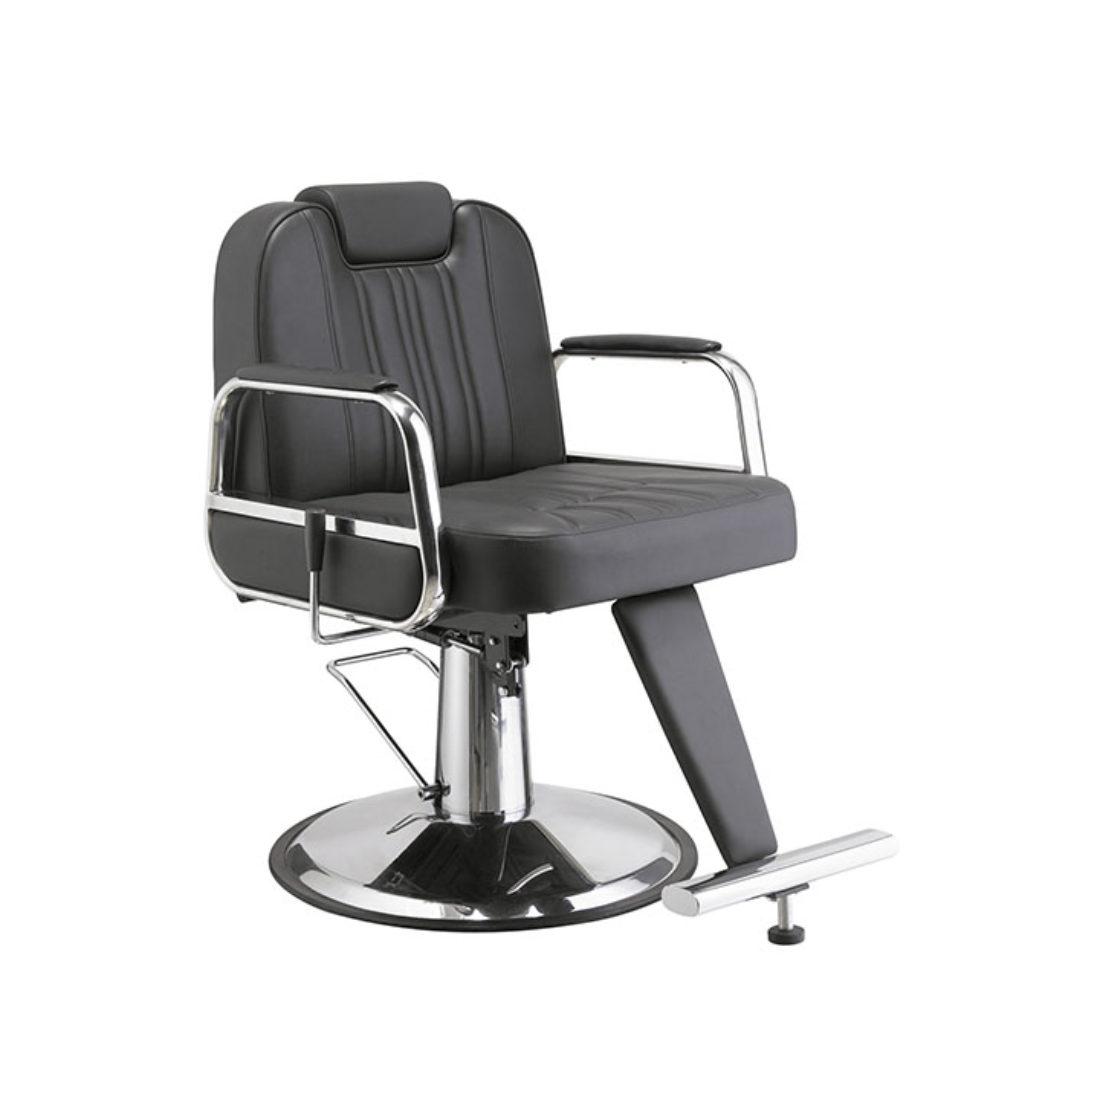 DDUUEETT TONSUR Barber Chair